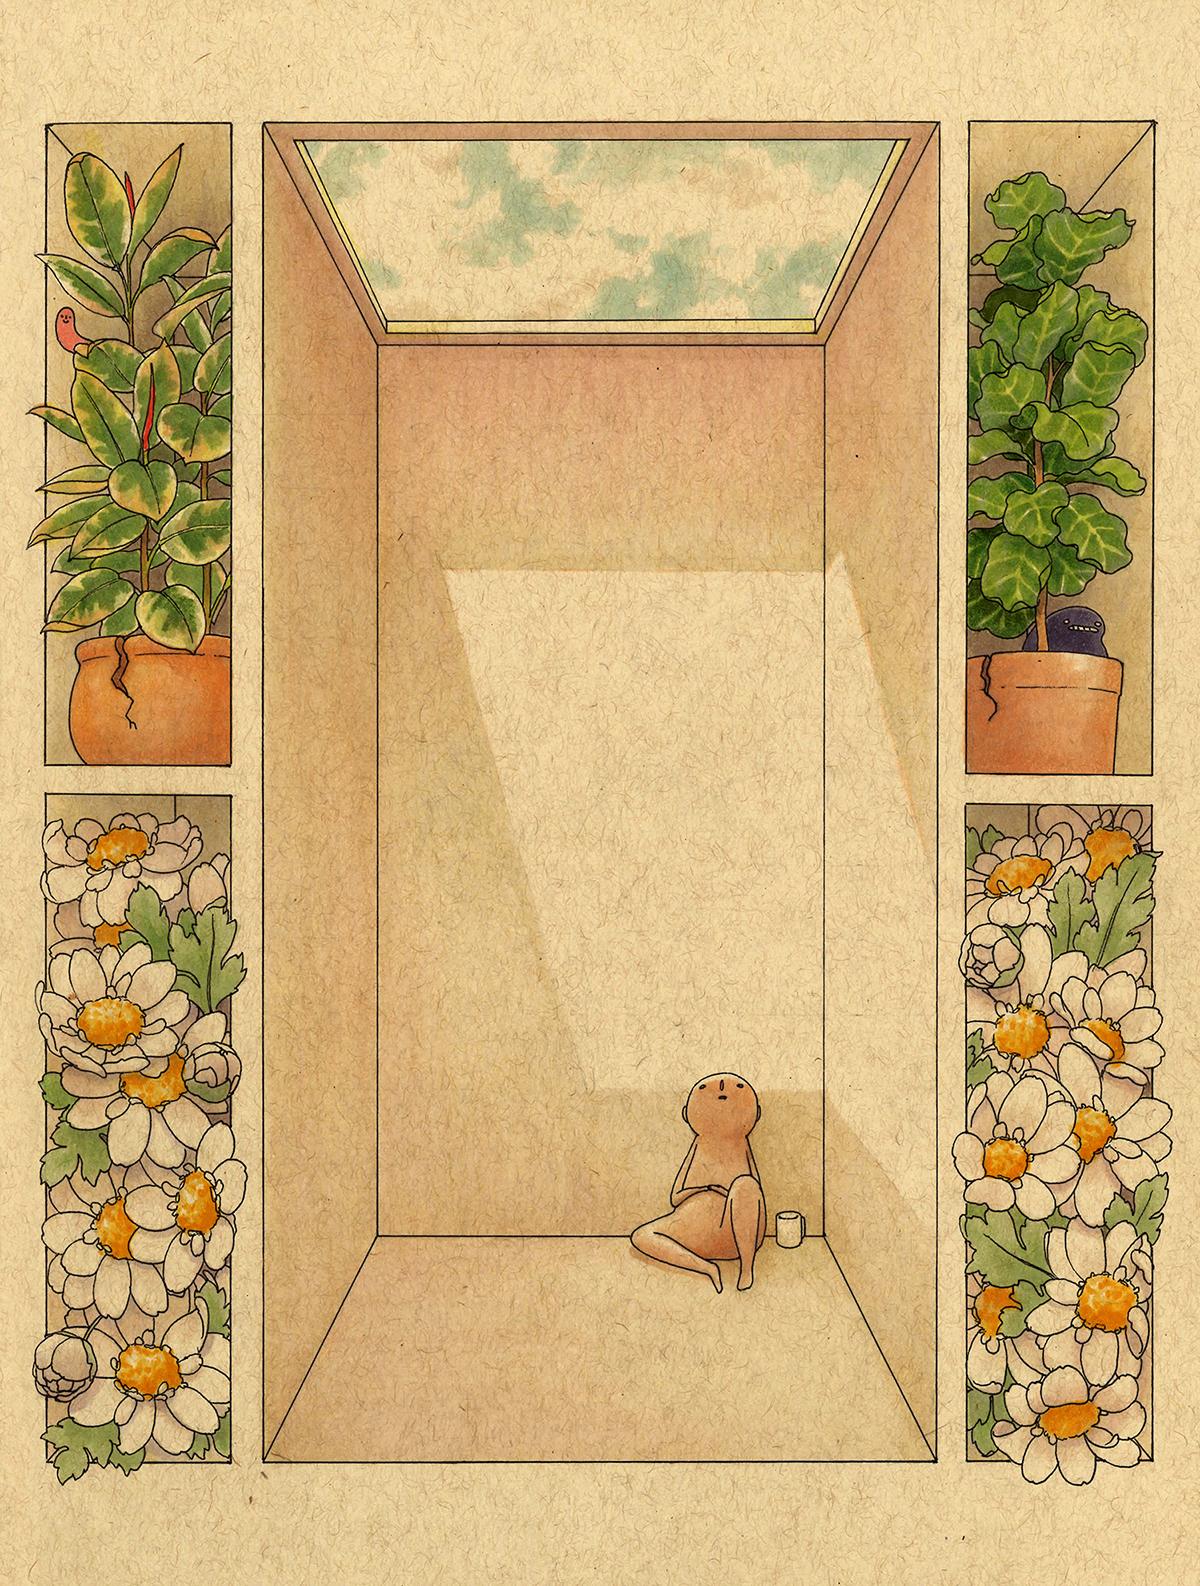 Ilustración de Felicia Chiao.